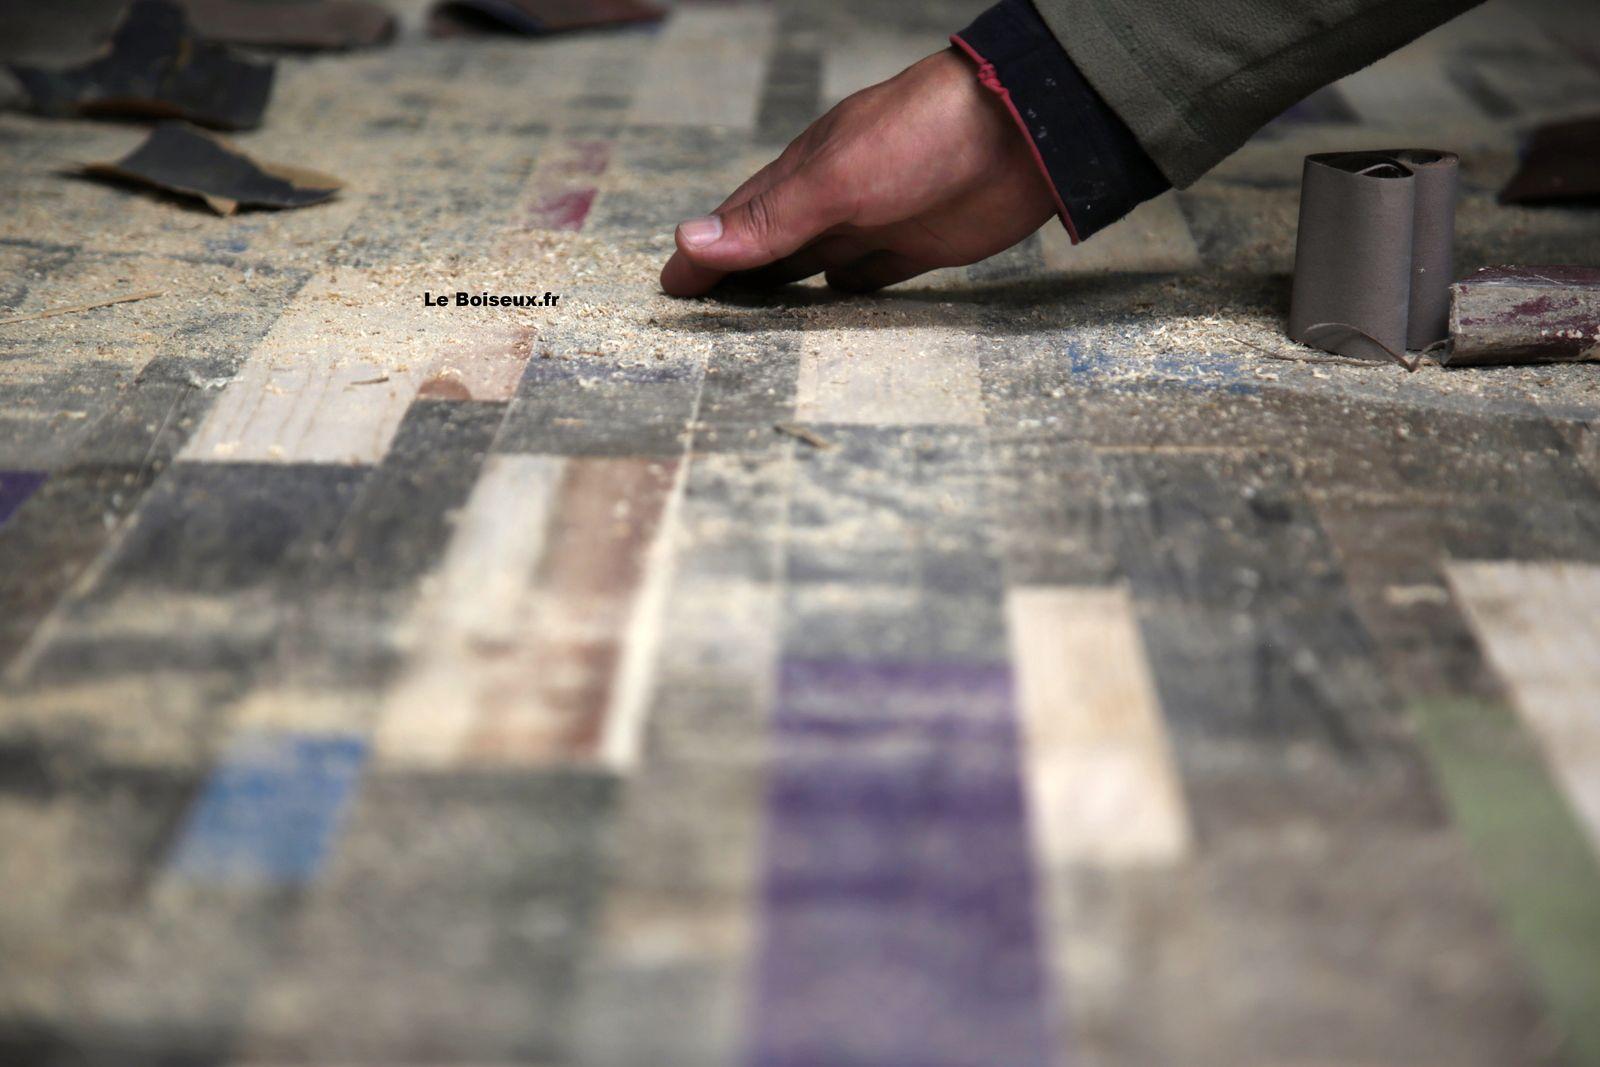 Le bout de ses doigts examine les aspérités du matériau, mesure les désaffleurs et les irrégularités, les recense, en évalue l'ampleur.